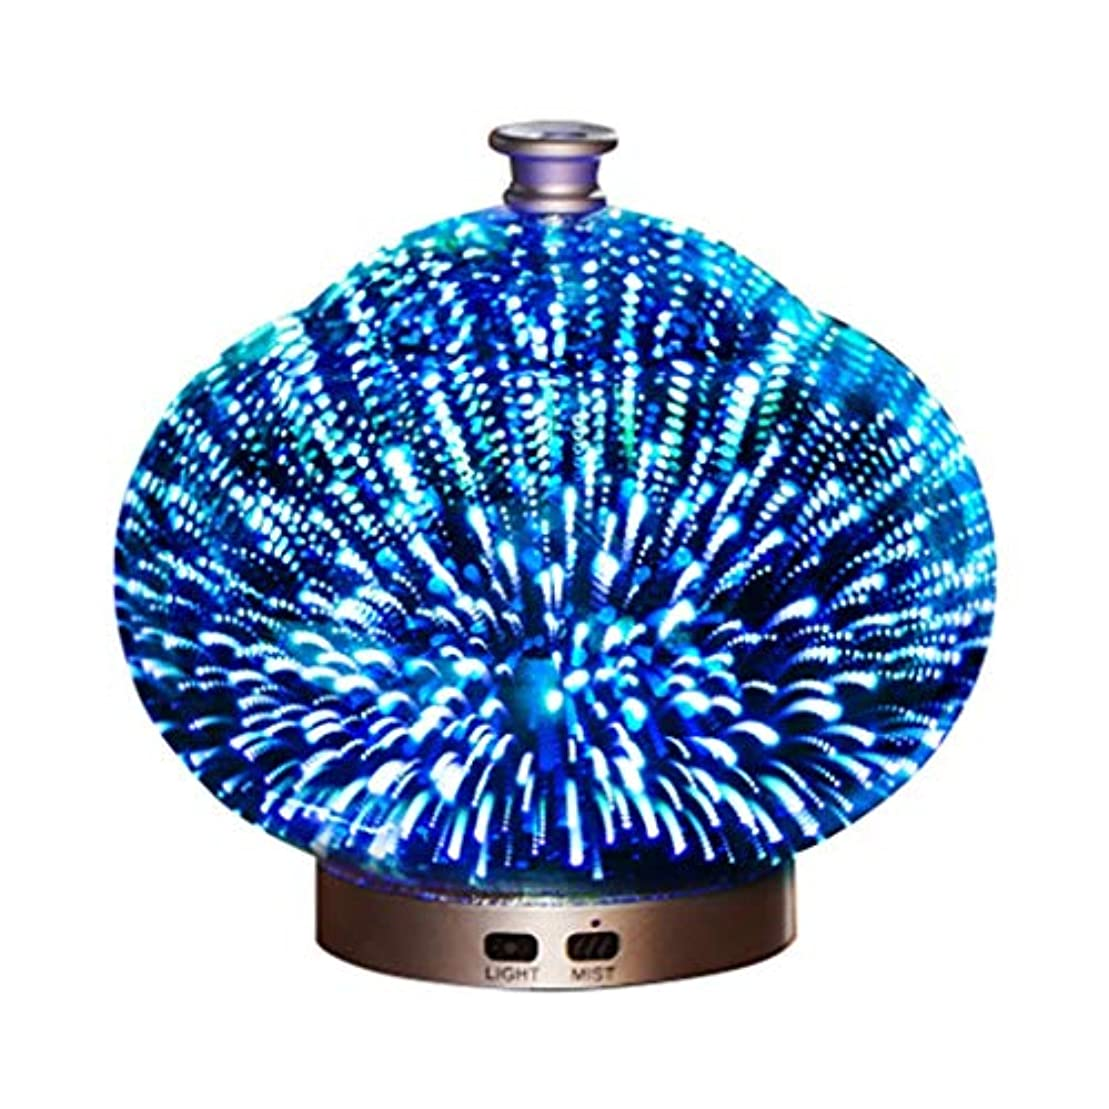 駅ダルセット受粉する3Dガラス100ミリリットルギャラクシープレミアム超音波加湿器で素晴らしいledライト付き、自宅用ヨガオフィススパ寝室ベビールーム (Color : Brass)